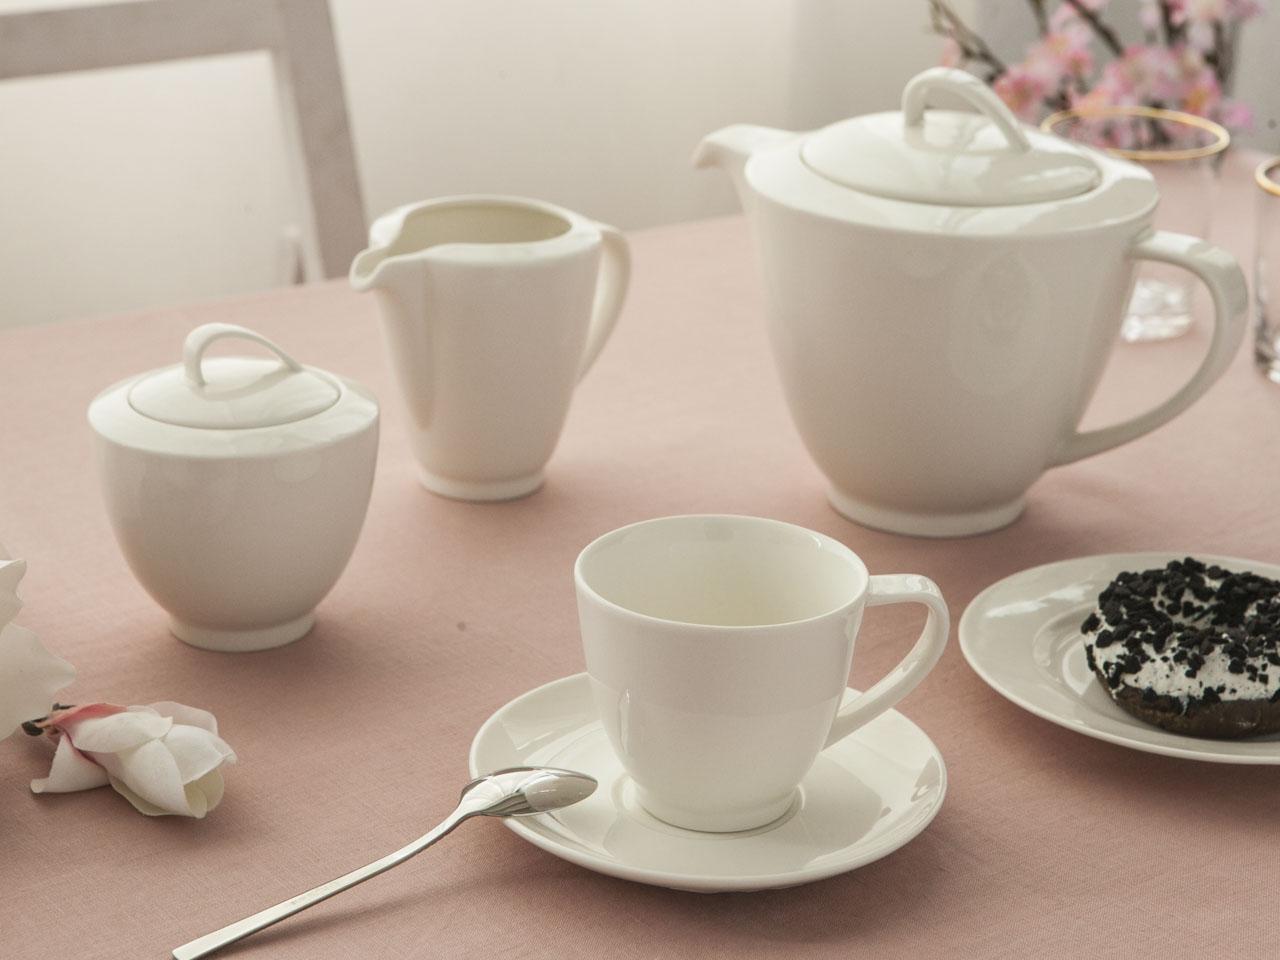 Serwis / Zestaw kawowy na 6 osób MariaPaula Ecru Nova (21 elementów)